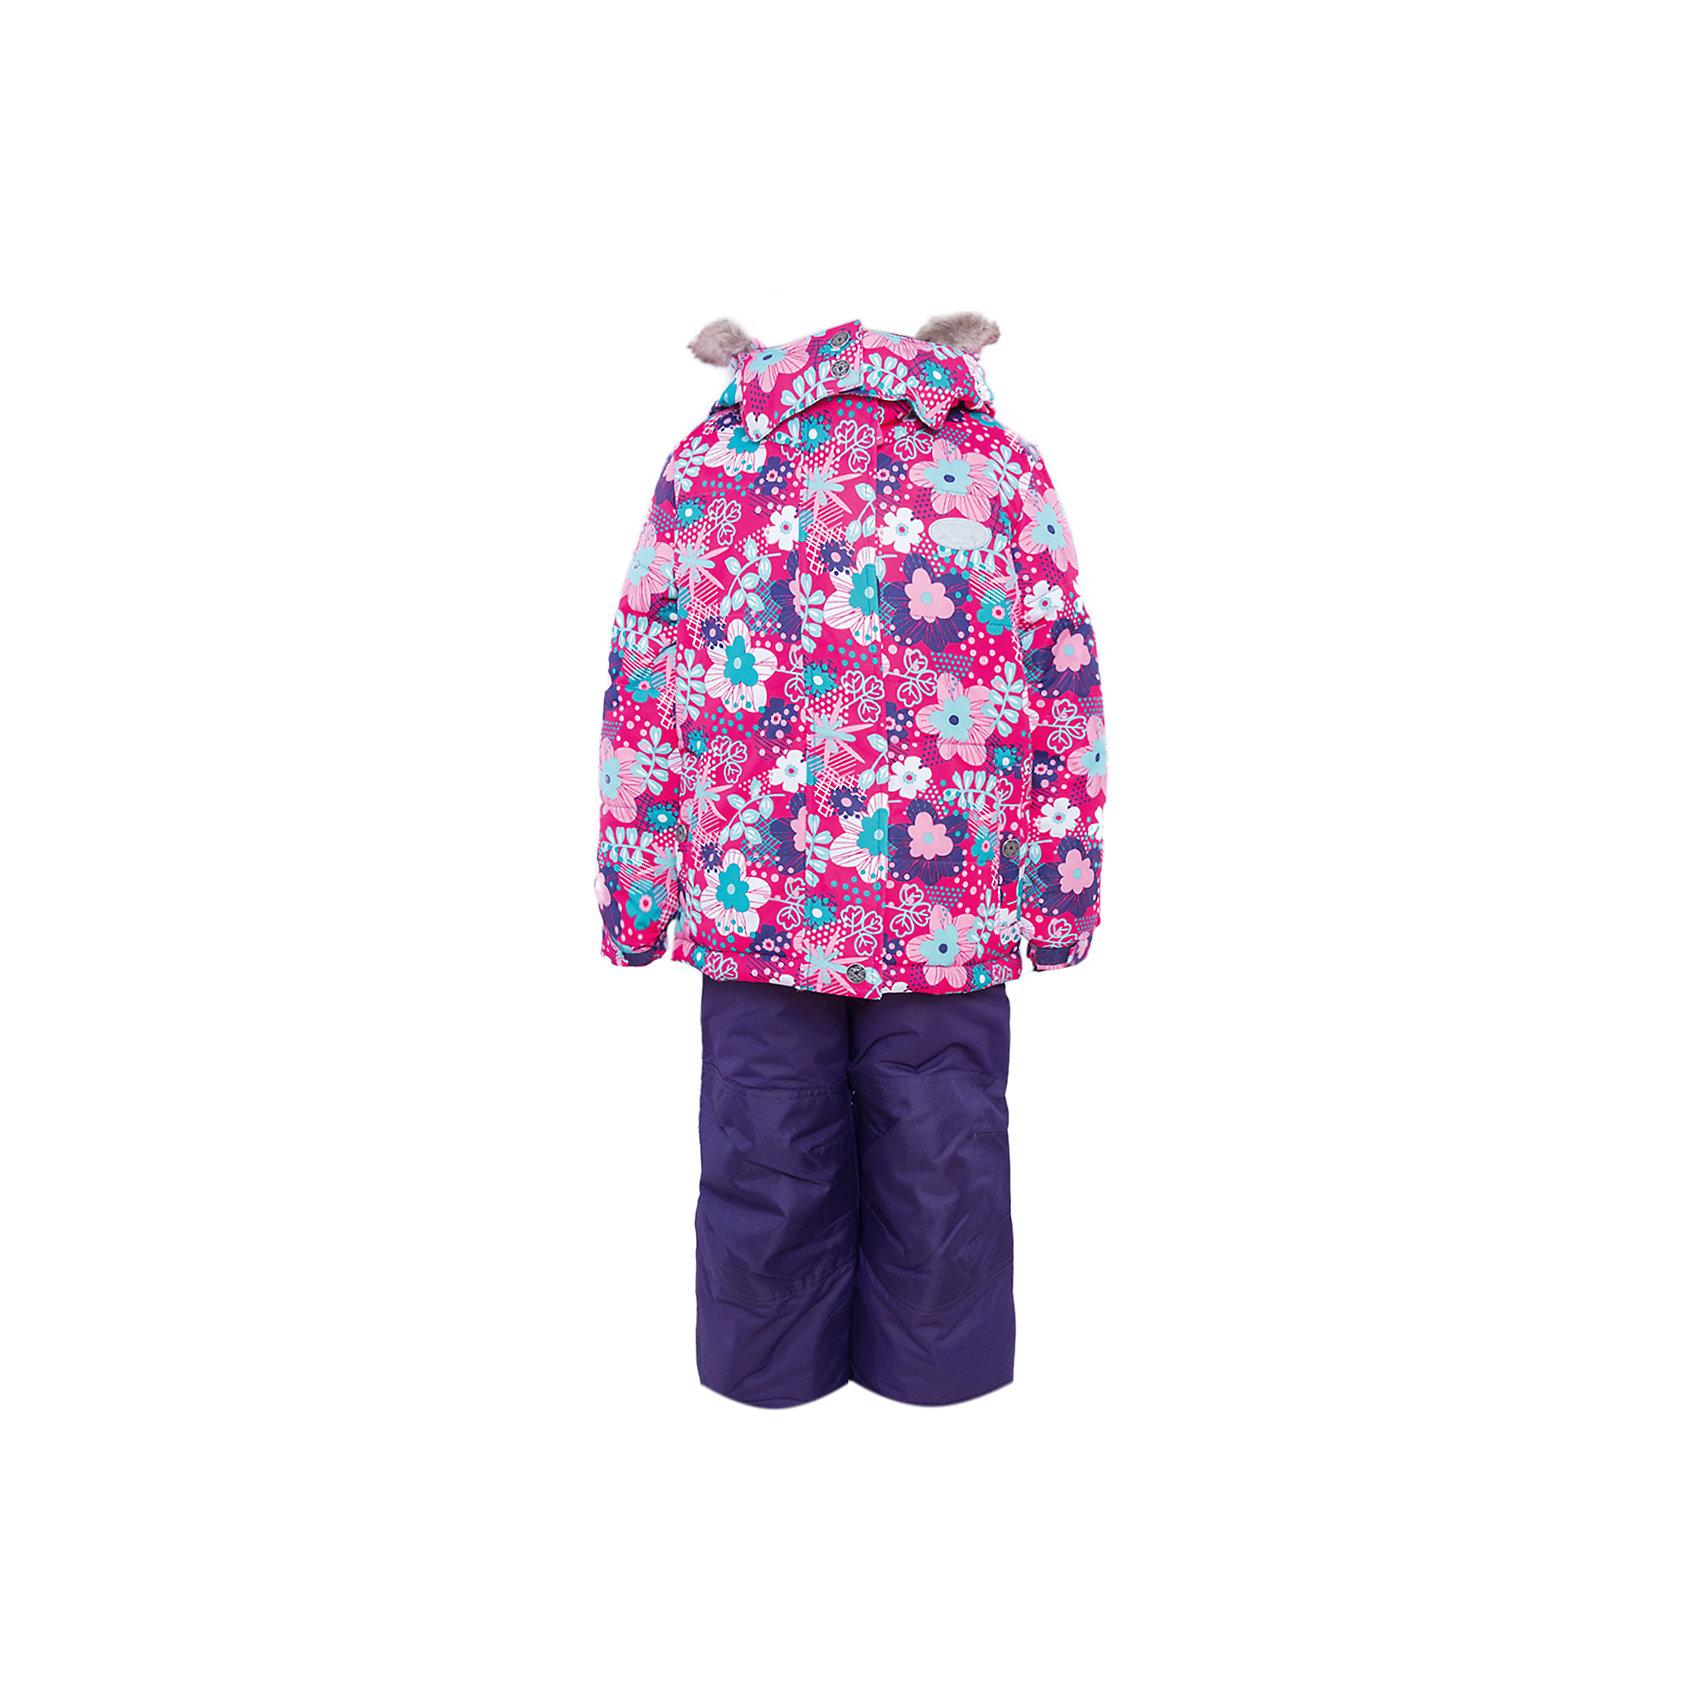 Костюм для девочки PremontВерхняя одежда<br>Костюм для девочки от известного бренда Premont.<br>Монреаль – это сердце Канады, как считают сами канадцы. В нем собрано все в очень деликатном и изящном букете, любоваться которым можно не один день. Особое очарование Монреаль приобретает весной, когда город наполняется цветущими тюльпанами, сиренью и магнолиями, именно эти цветы графично изображены в принте «Цветущий Монреаль».<br>Состав:<br>Ткань верха: мембрана 5000мм/5000г/м2/24h, Taslan<br>Подклад: Polarfleece (тело, капюшон, манжеты), Taffeta (брюки, рукава, снежная юбка) Утеплитель: Tech-polyfill (куртка 280г, брюки 180г)<br><br>Ширина мм: 356<br>Глубина мм: 10<br>Высота мм: 245<br>Вес г: 519<br>Цвет: красный<br>Возраст от месяцев: 36<br>Возраст до месяцев: 36<br>Пол: Женский<br>Возраст: Детский<br>Размер: 100,128,92,98,104,110,116,120,122<br>SKU: 4996754